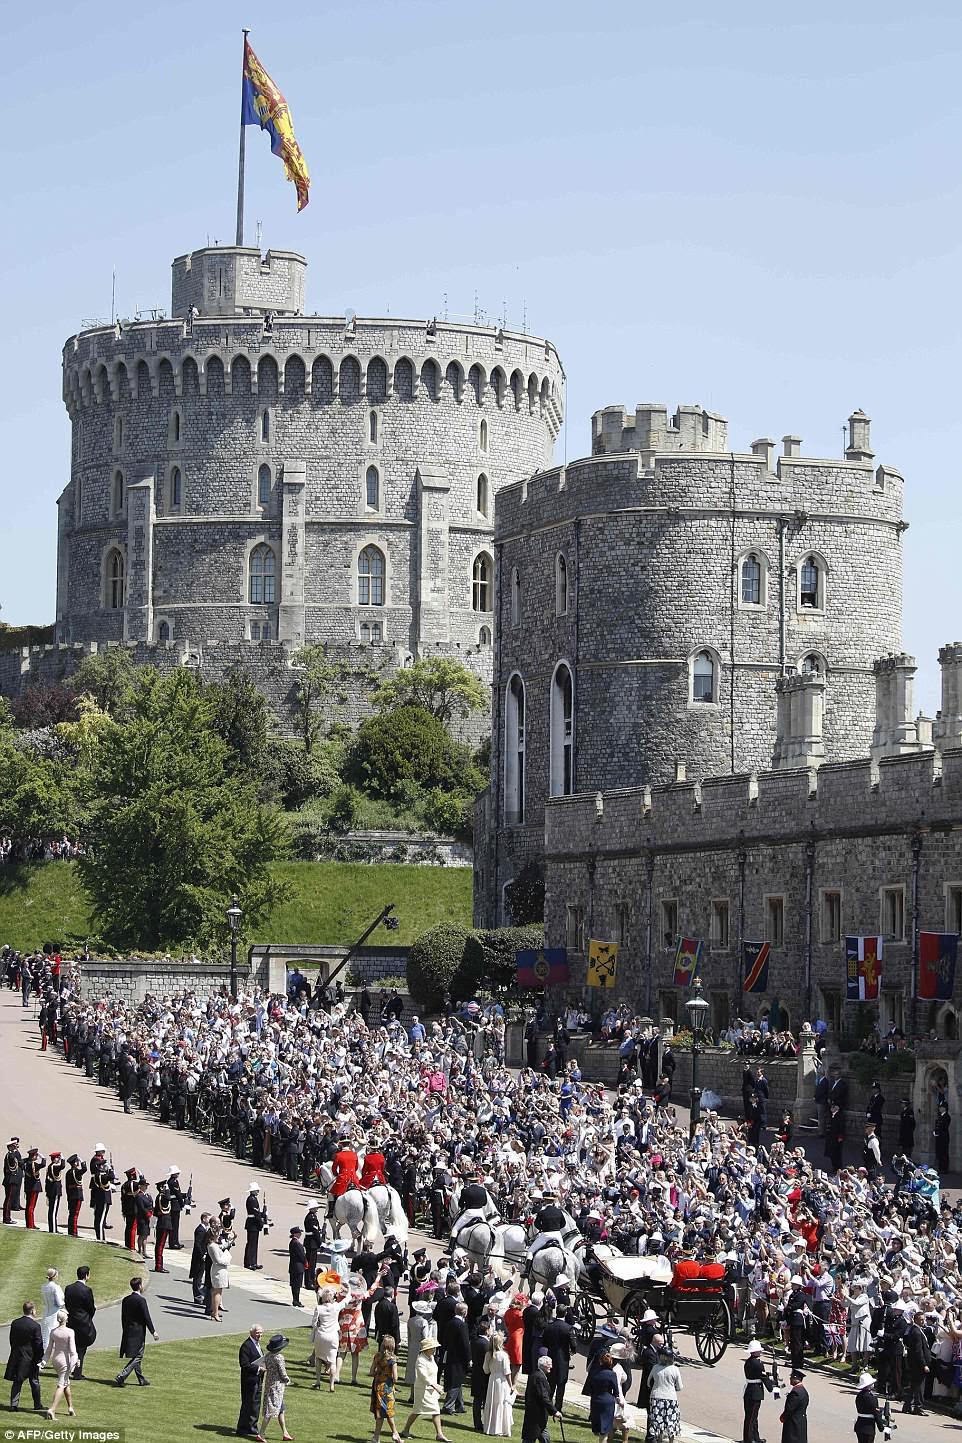 El príncipe Harry, duque de Sussex y su esposa Meghan, Duquesa de Sussex, comienzan su procesión de carruajes en el vagón de Ascot Landau después de su ceremonia de boda en la Capilla de San Jorge